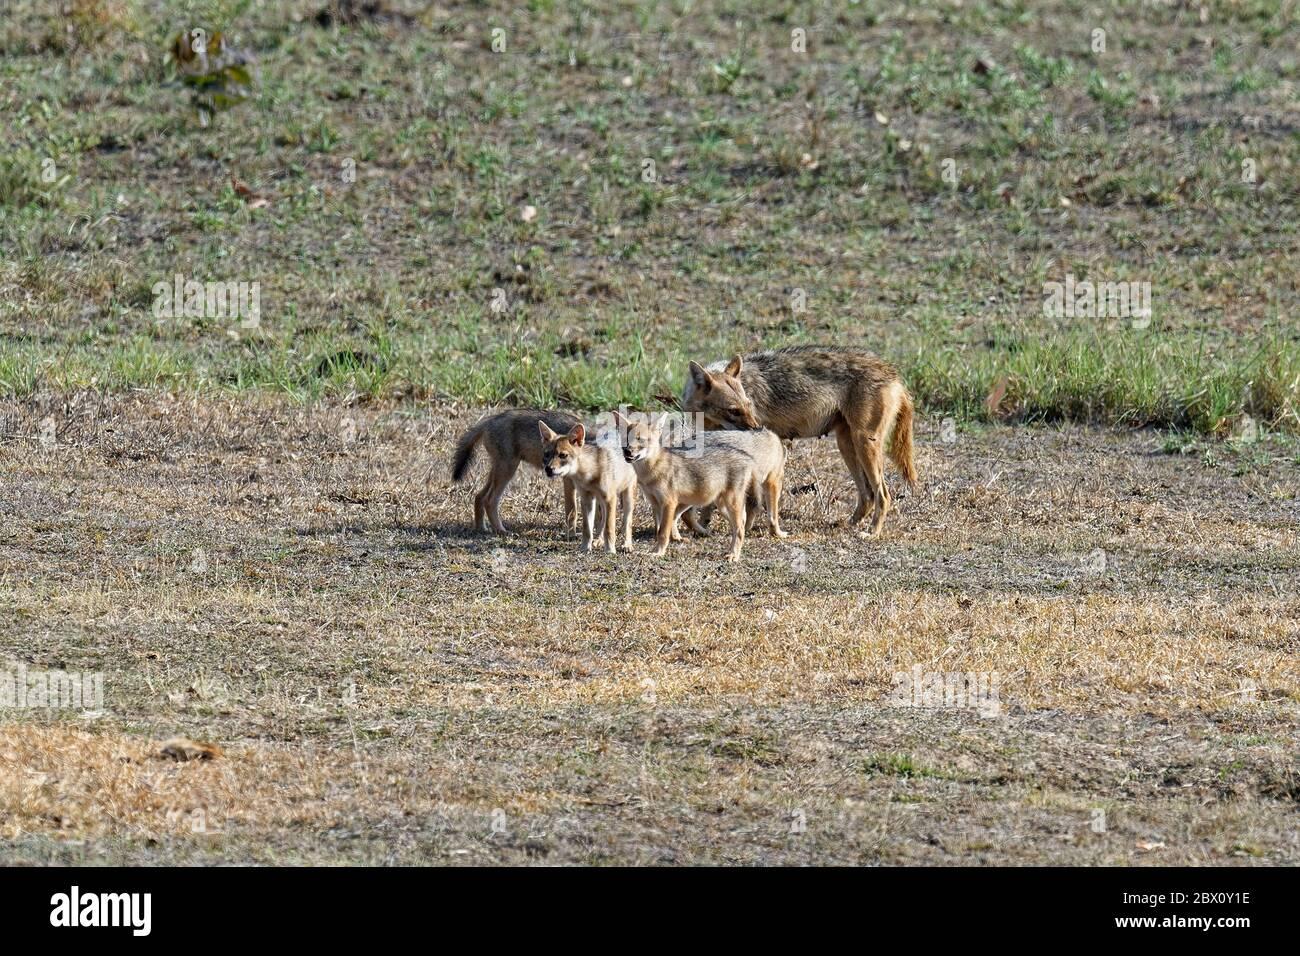 Femelle de la cachaal indienne (Canis aureus) se nourrissant et jouant avec ses petits, la réserve de tigre de Kanha ou le parc national de Kanha-Kisli, État de Madhya Pradesh, Inde Banque D'Images